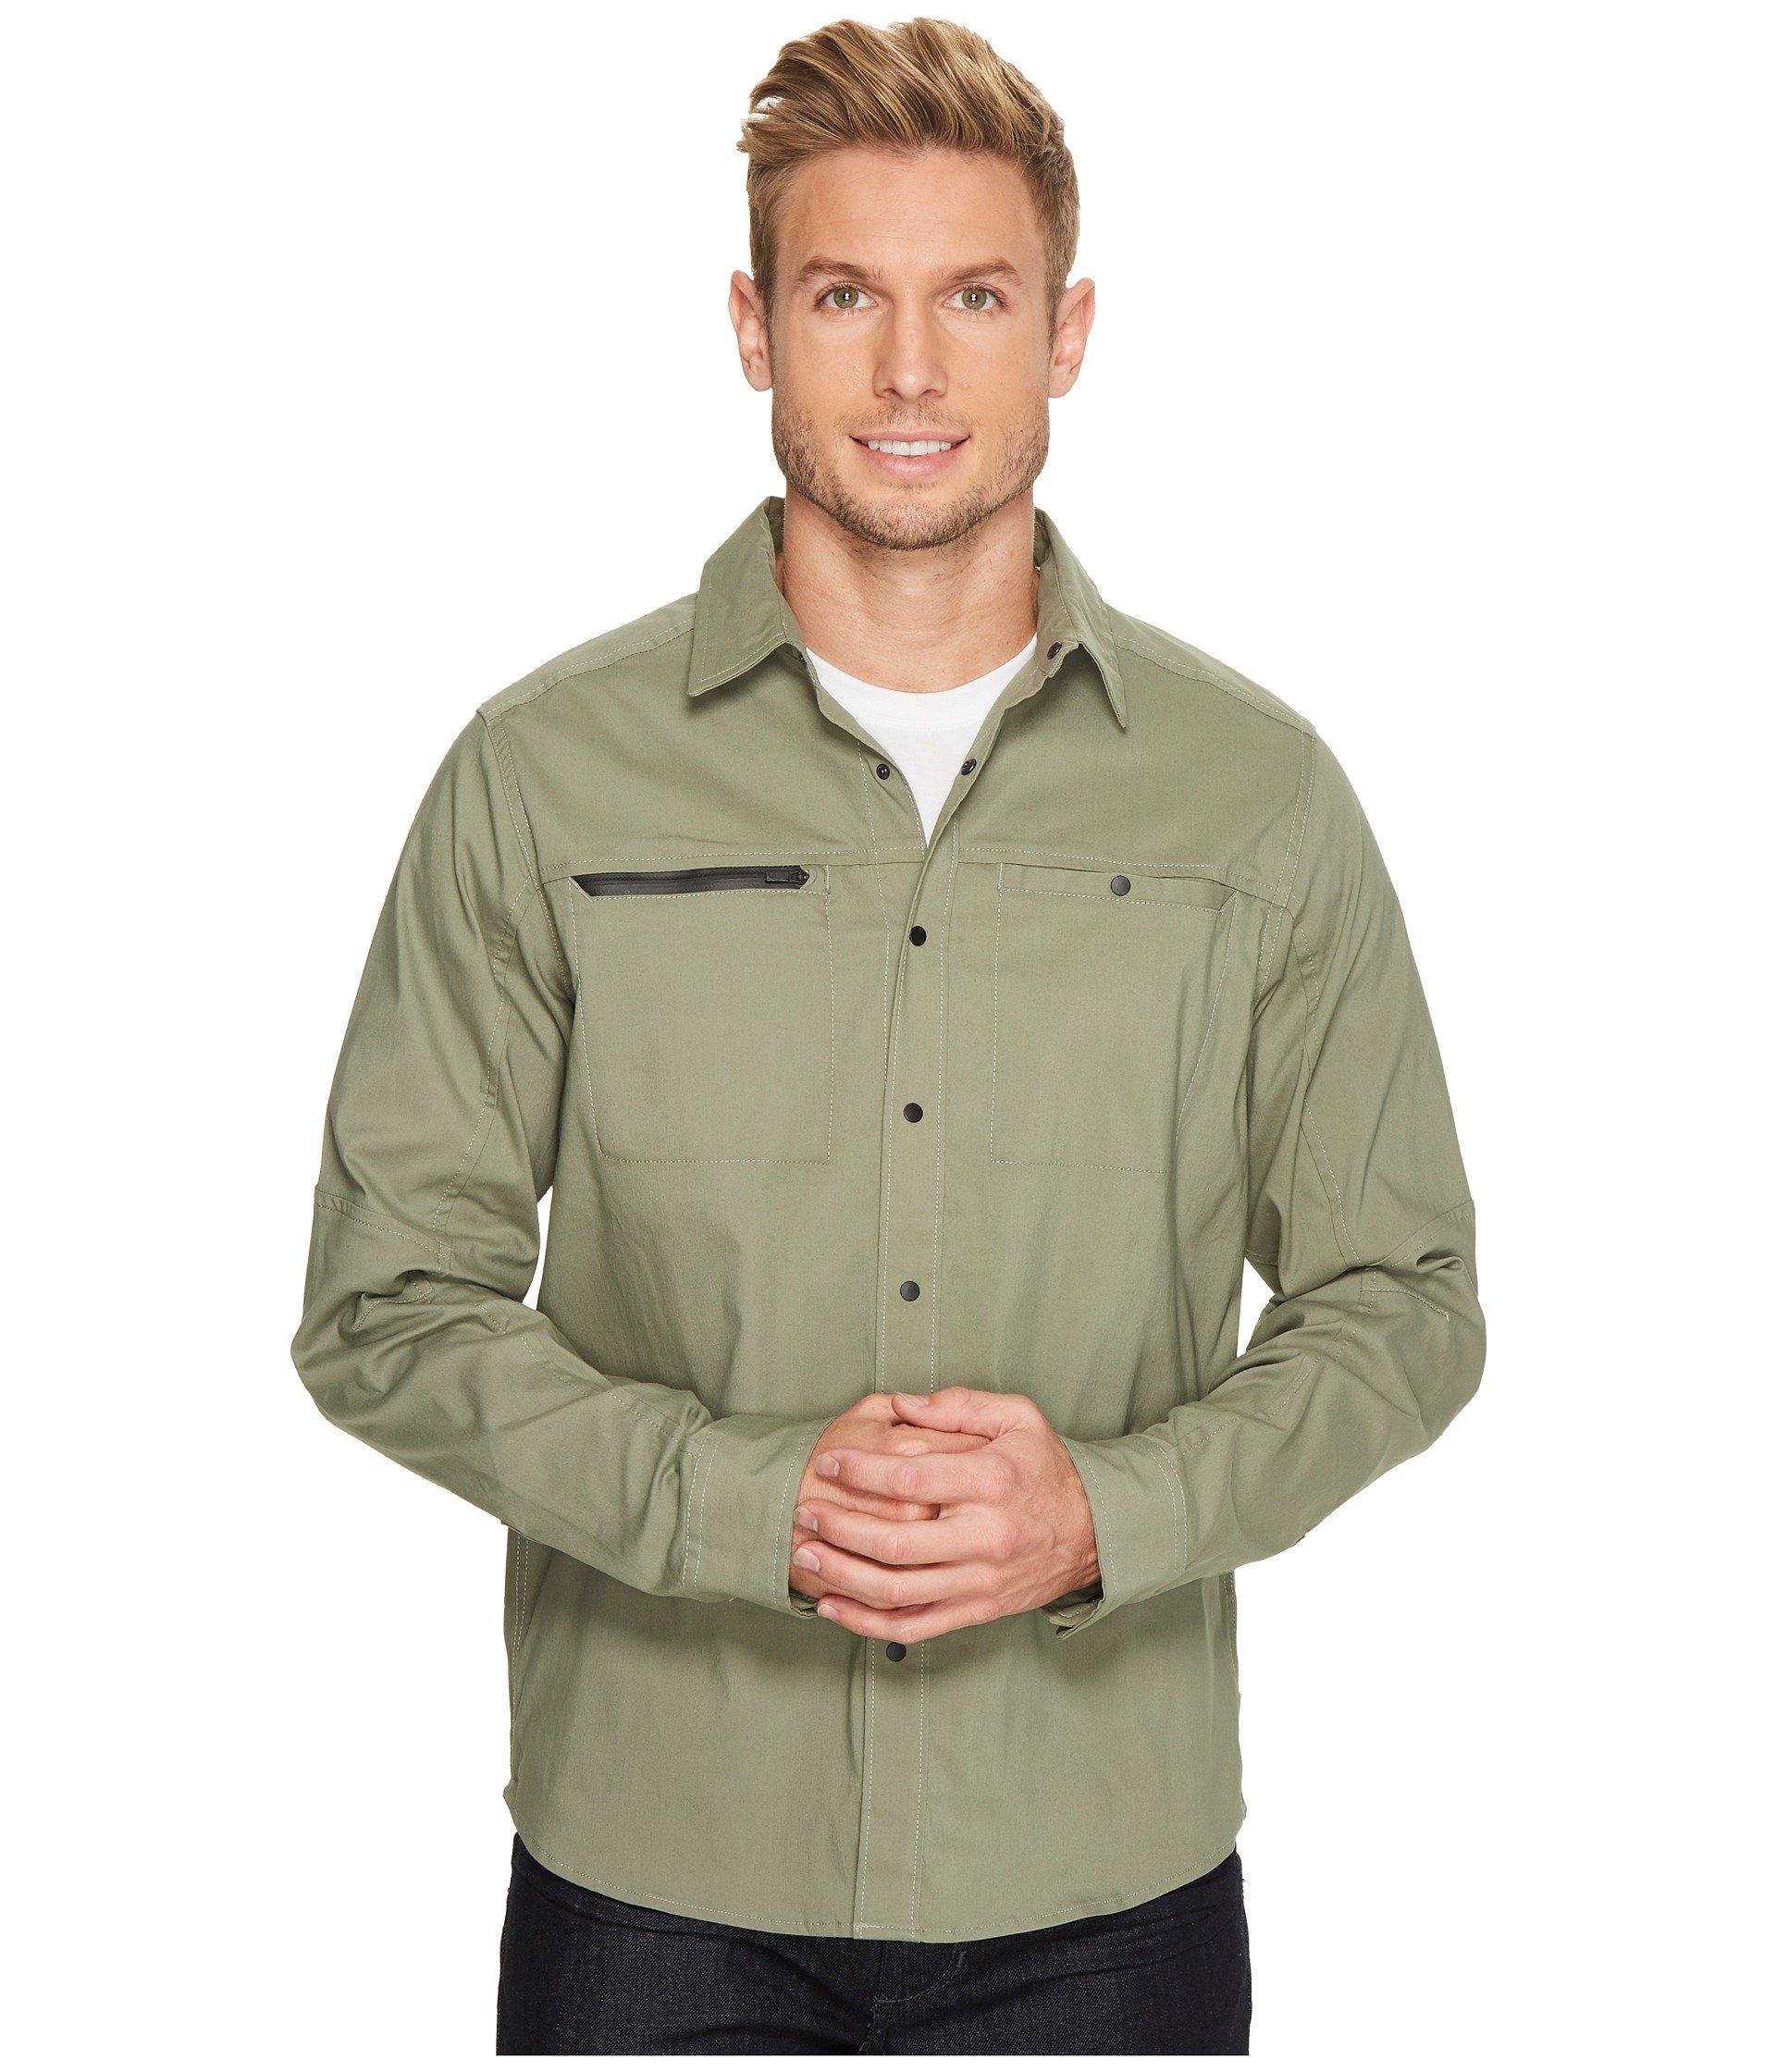 5591176a3 Hardwear Ap Shirt in Green Fade